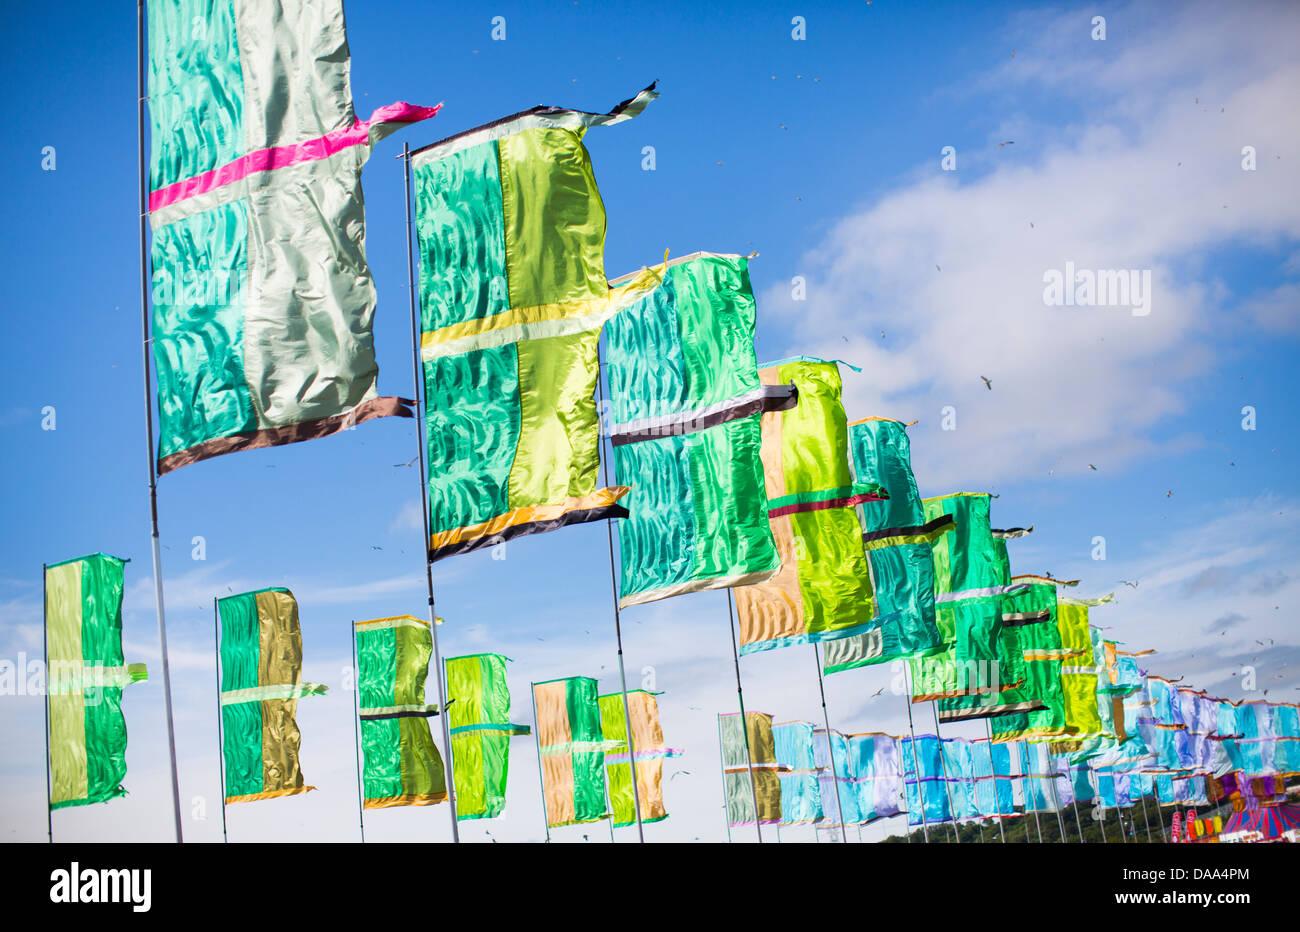 Coloridas banderas azules y verdes flutter en el viento en el Festival de Glastonbury 2013. Imagen De Stock